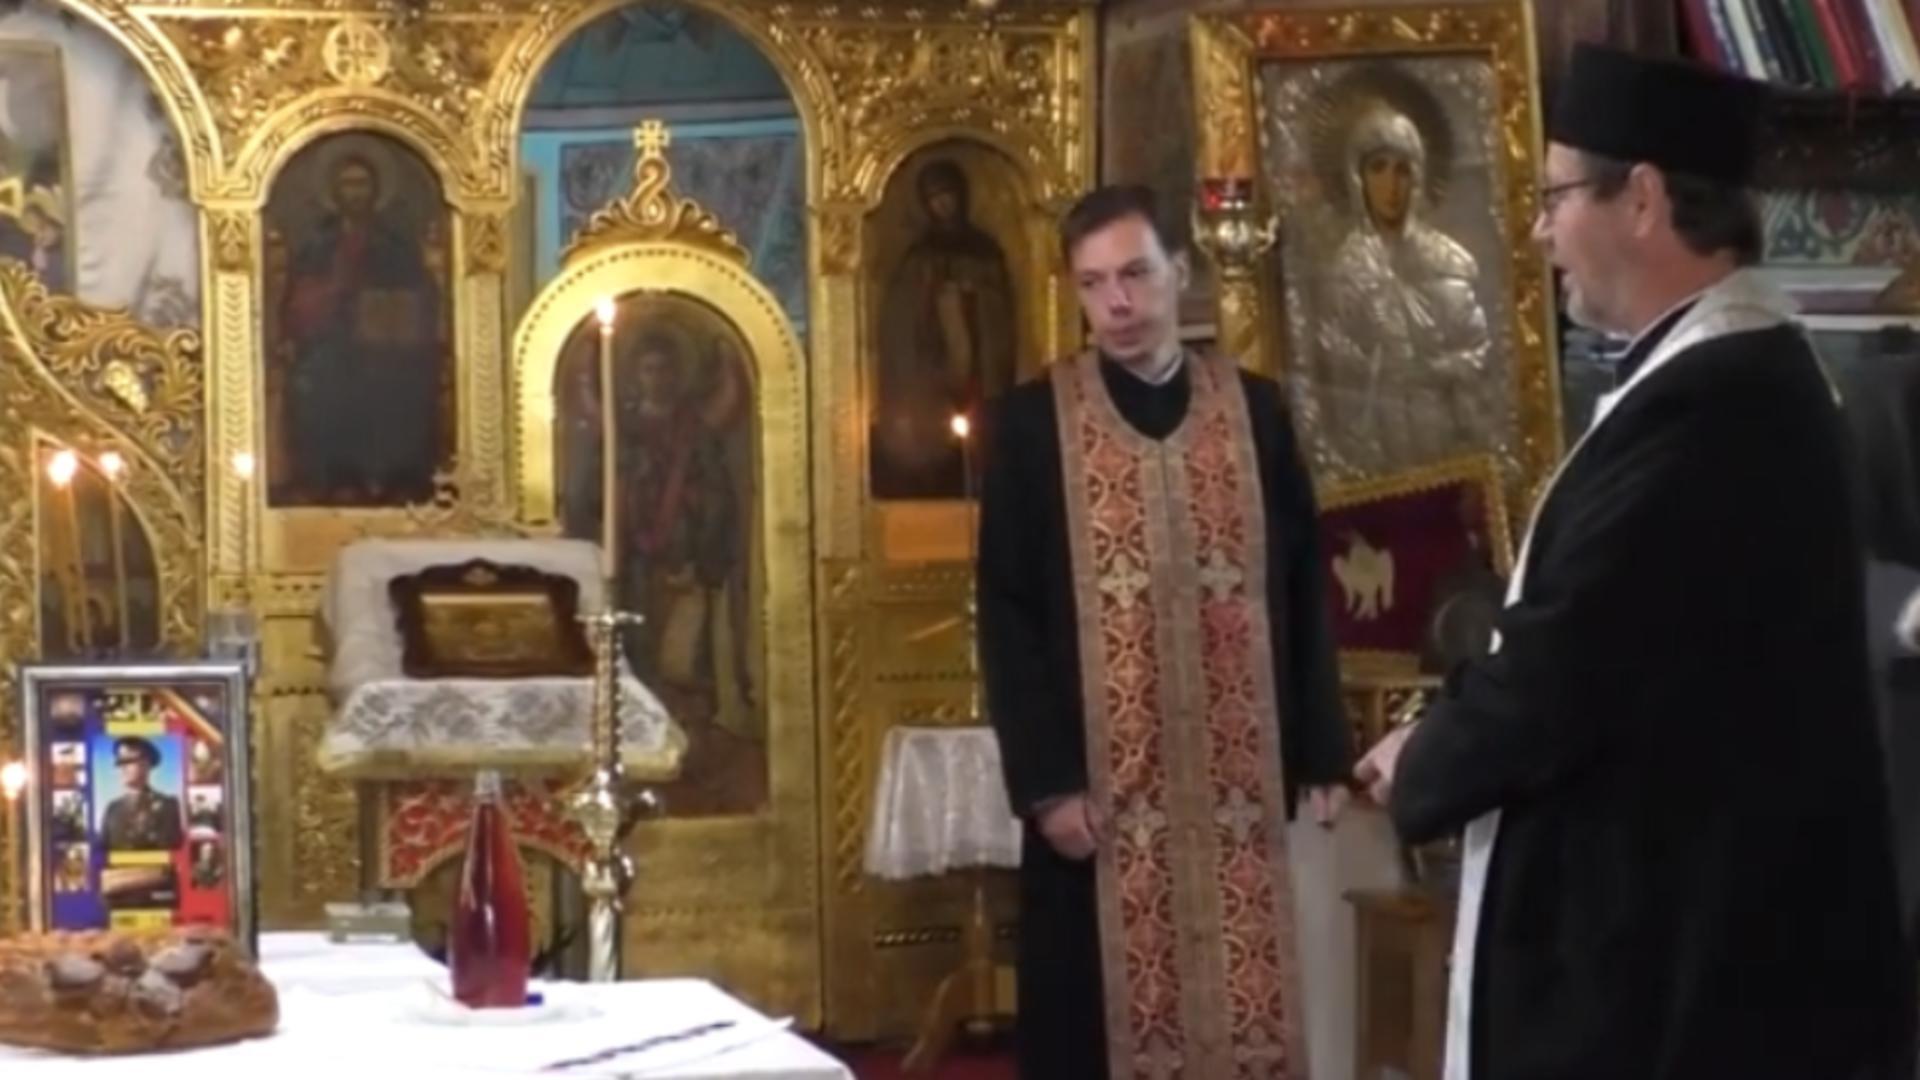 O biserică din Vaslui l-a elogiat pe mareșalul Antonescu - A fost SESIZAT procurorul general Foto: Captură Vaslui TV